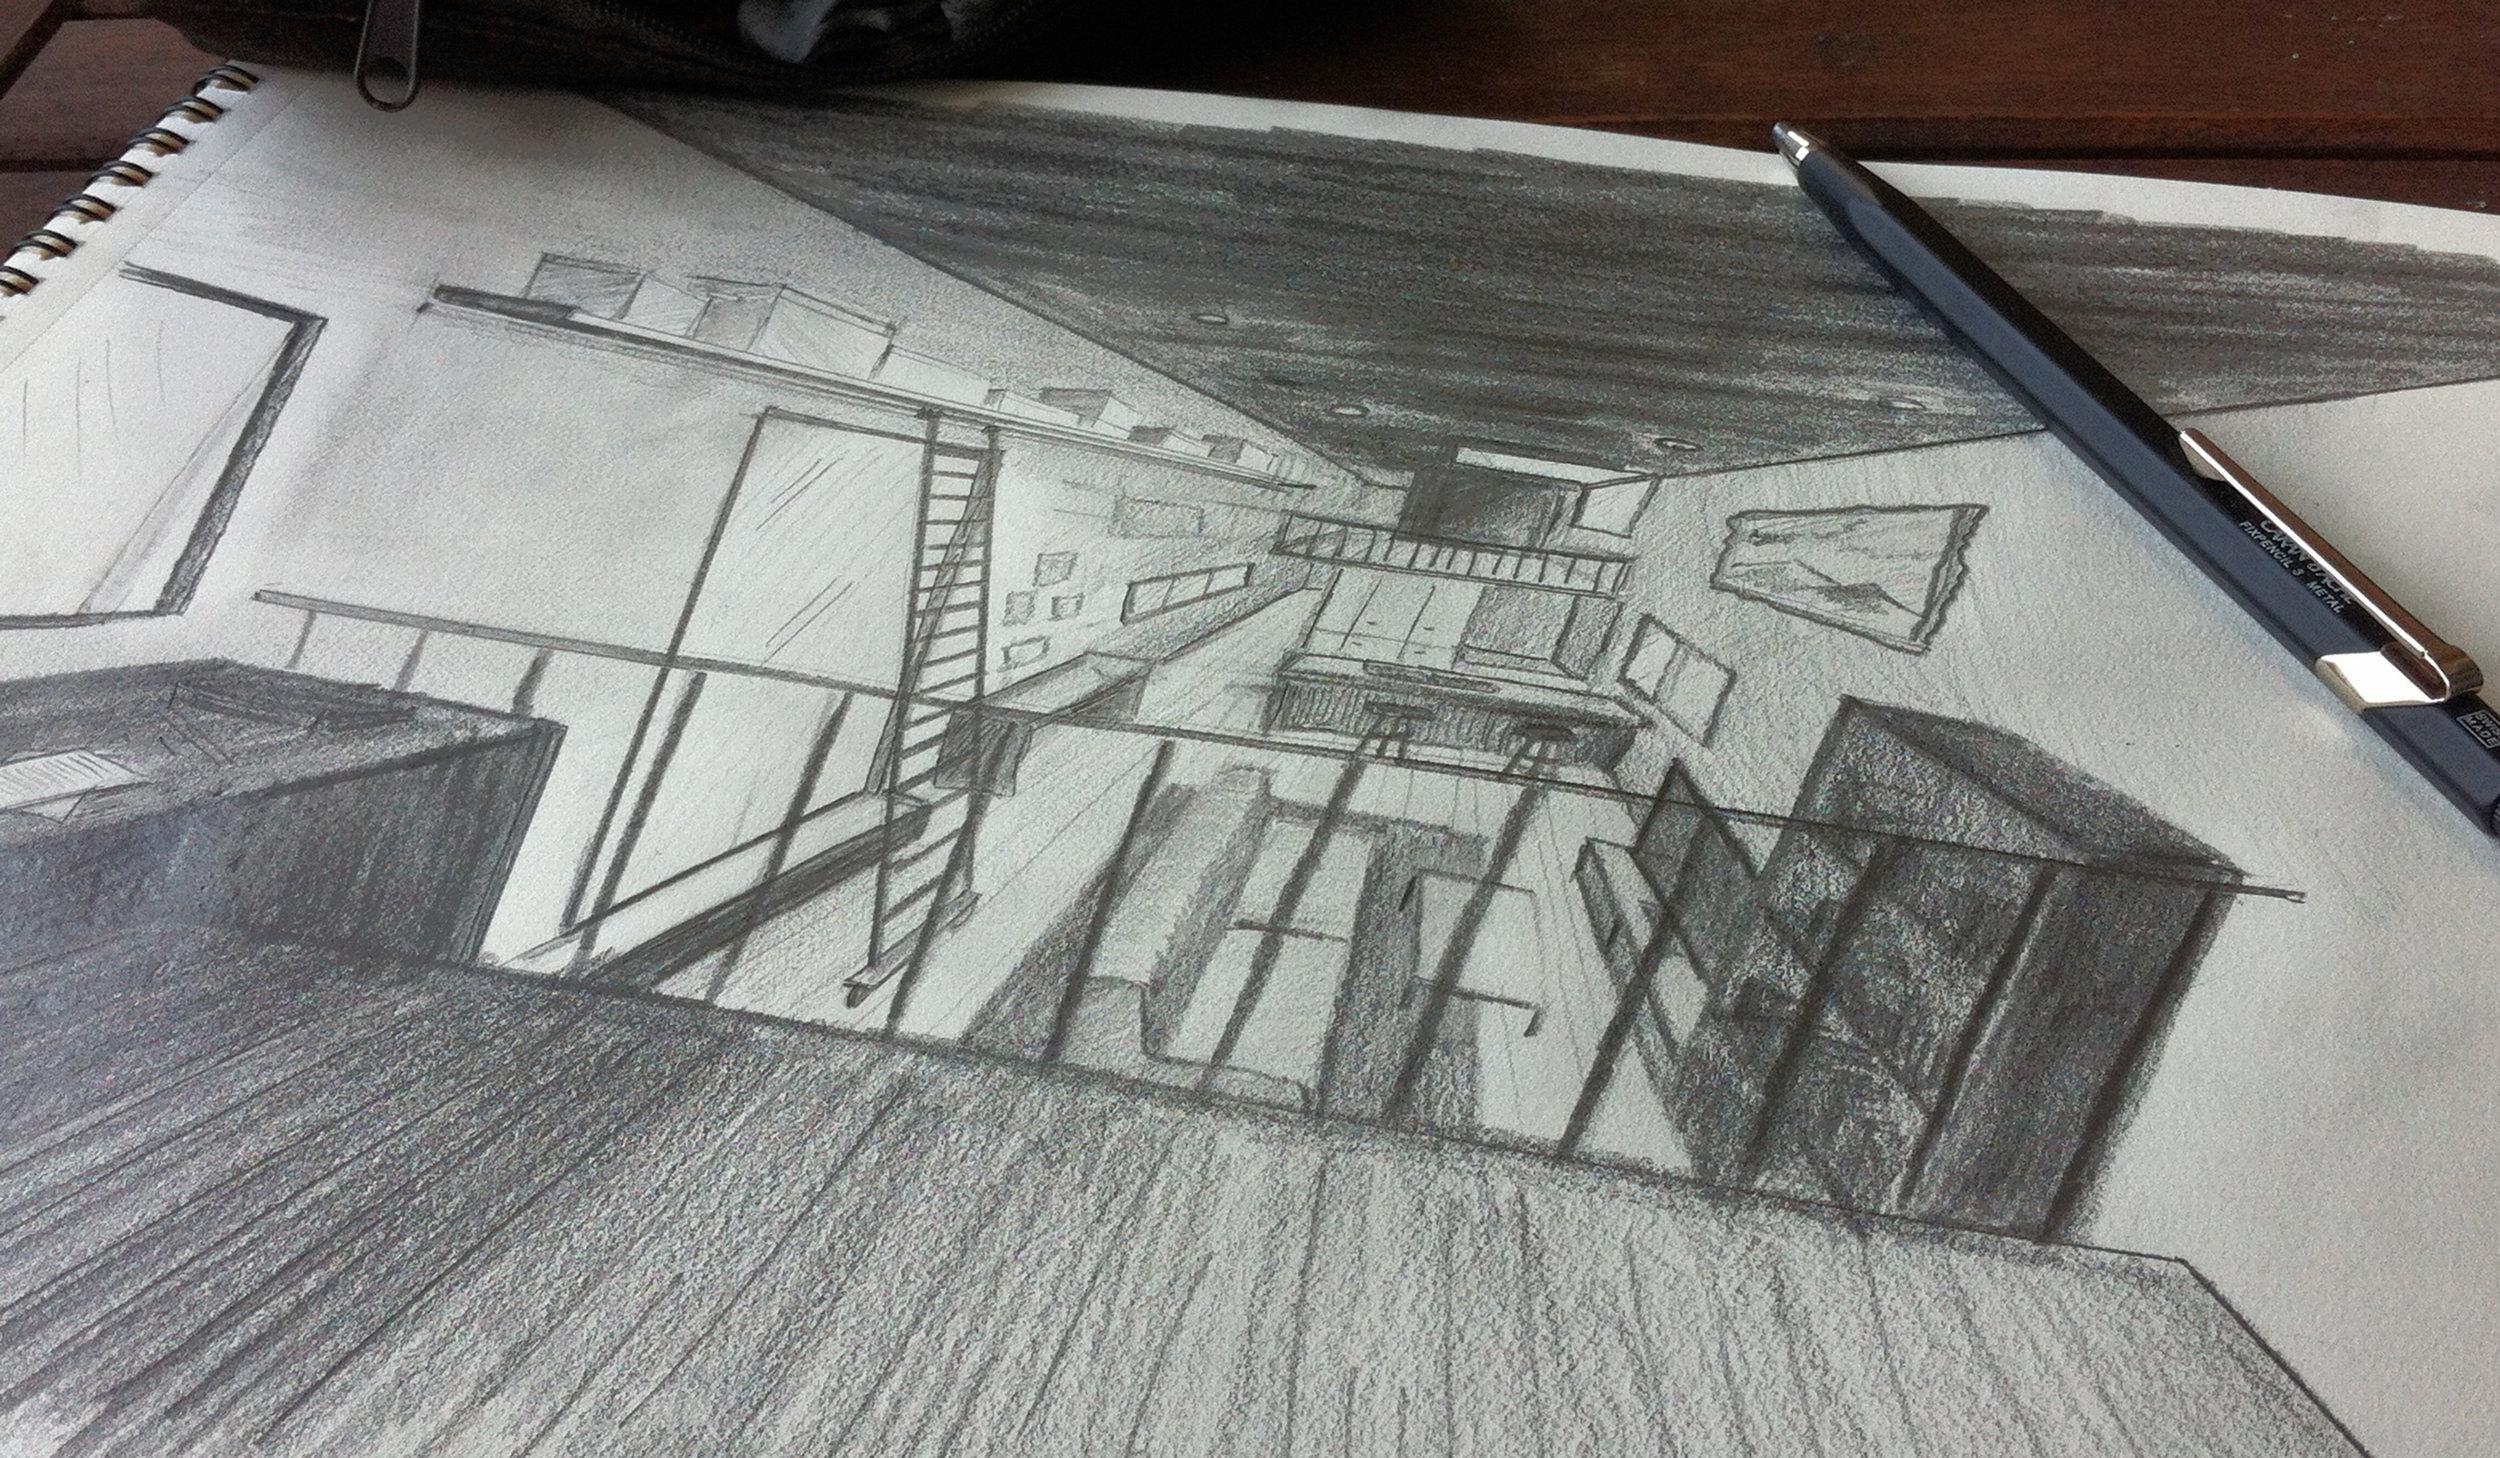 interior sketch 1.74.crop.jpg